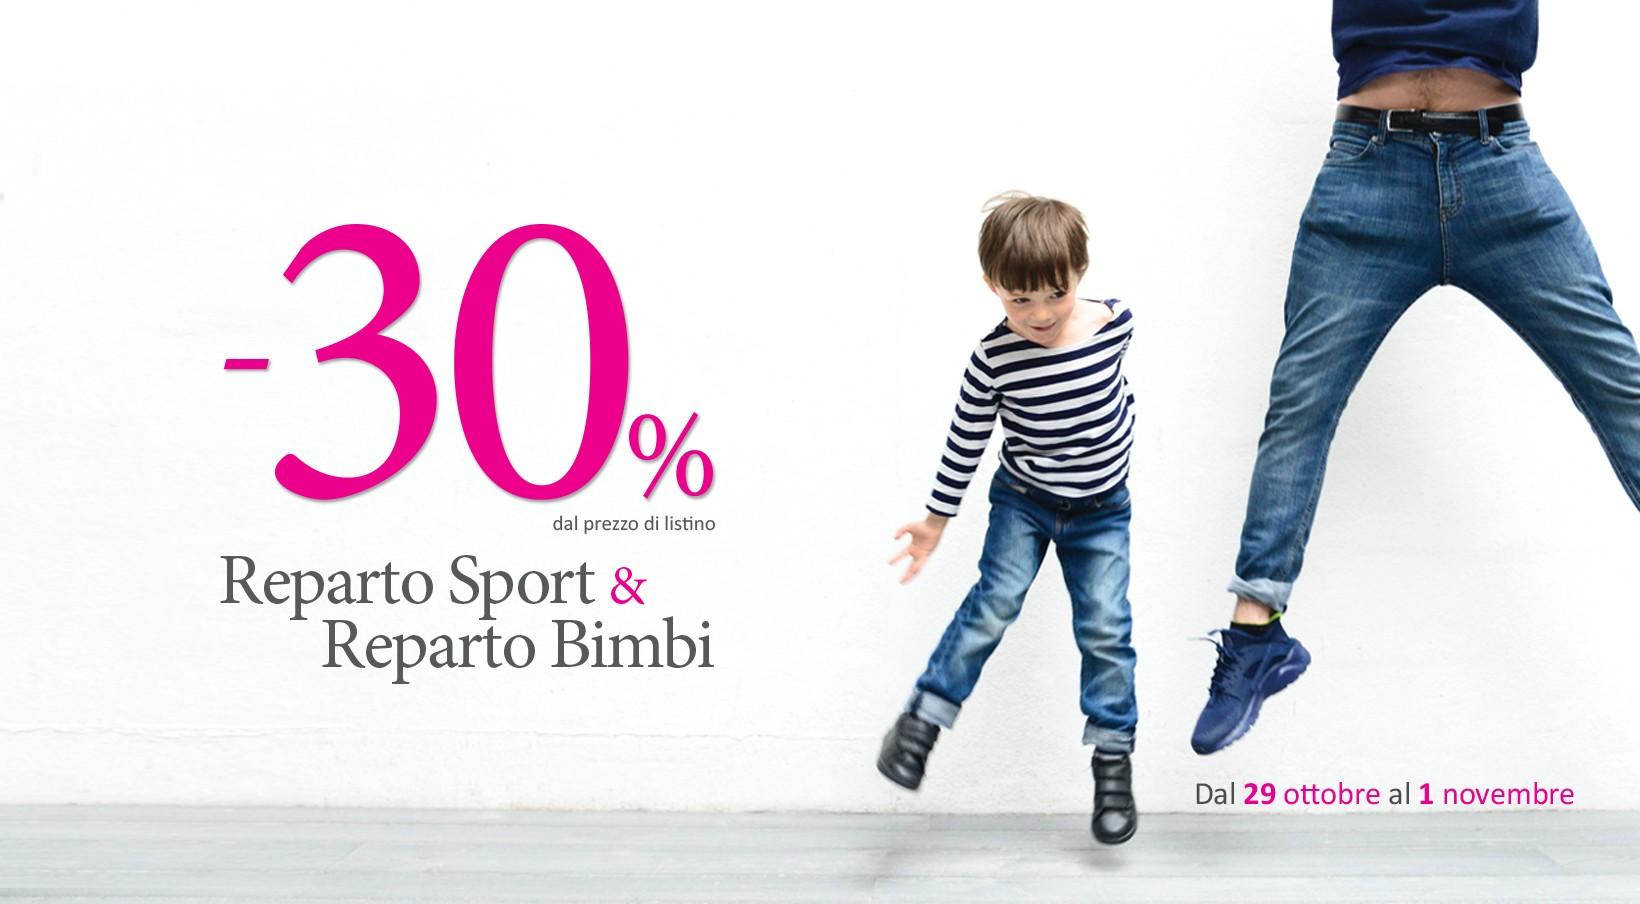 Bimbo e Sport